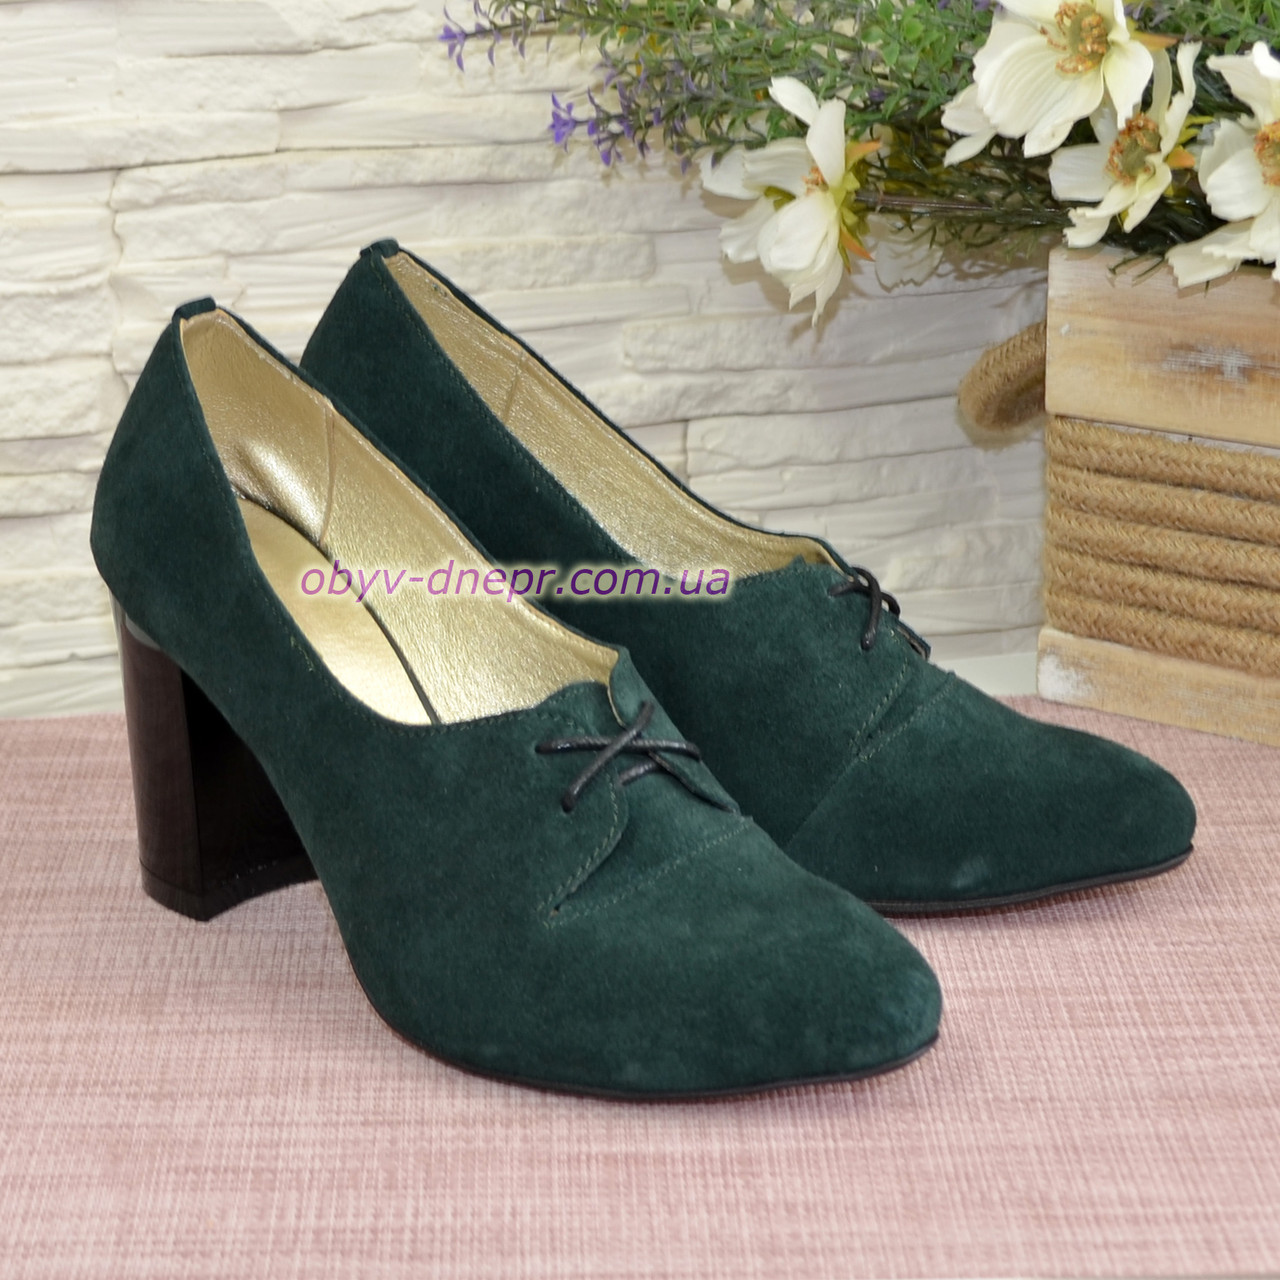 Туфли женские замшевые на высоком каблуке, цвет зеленый